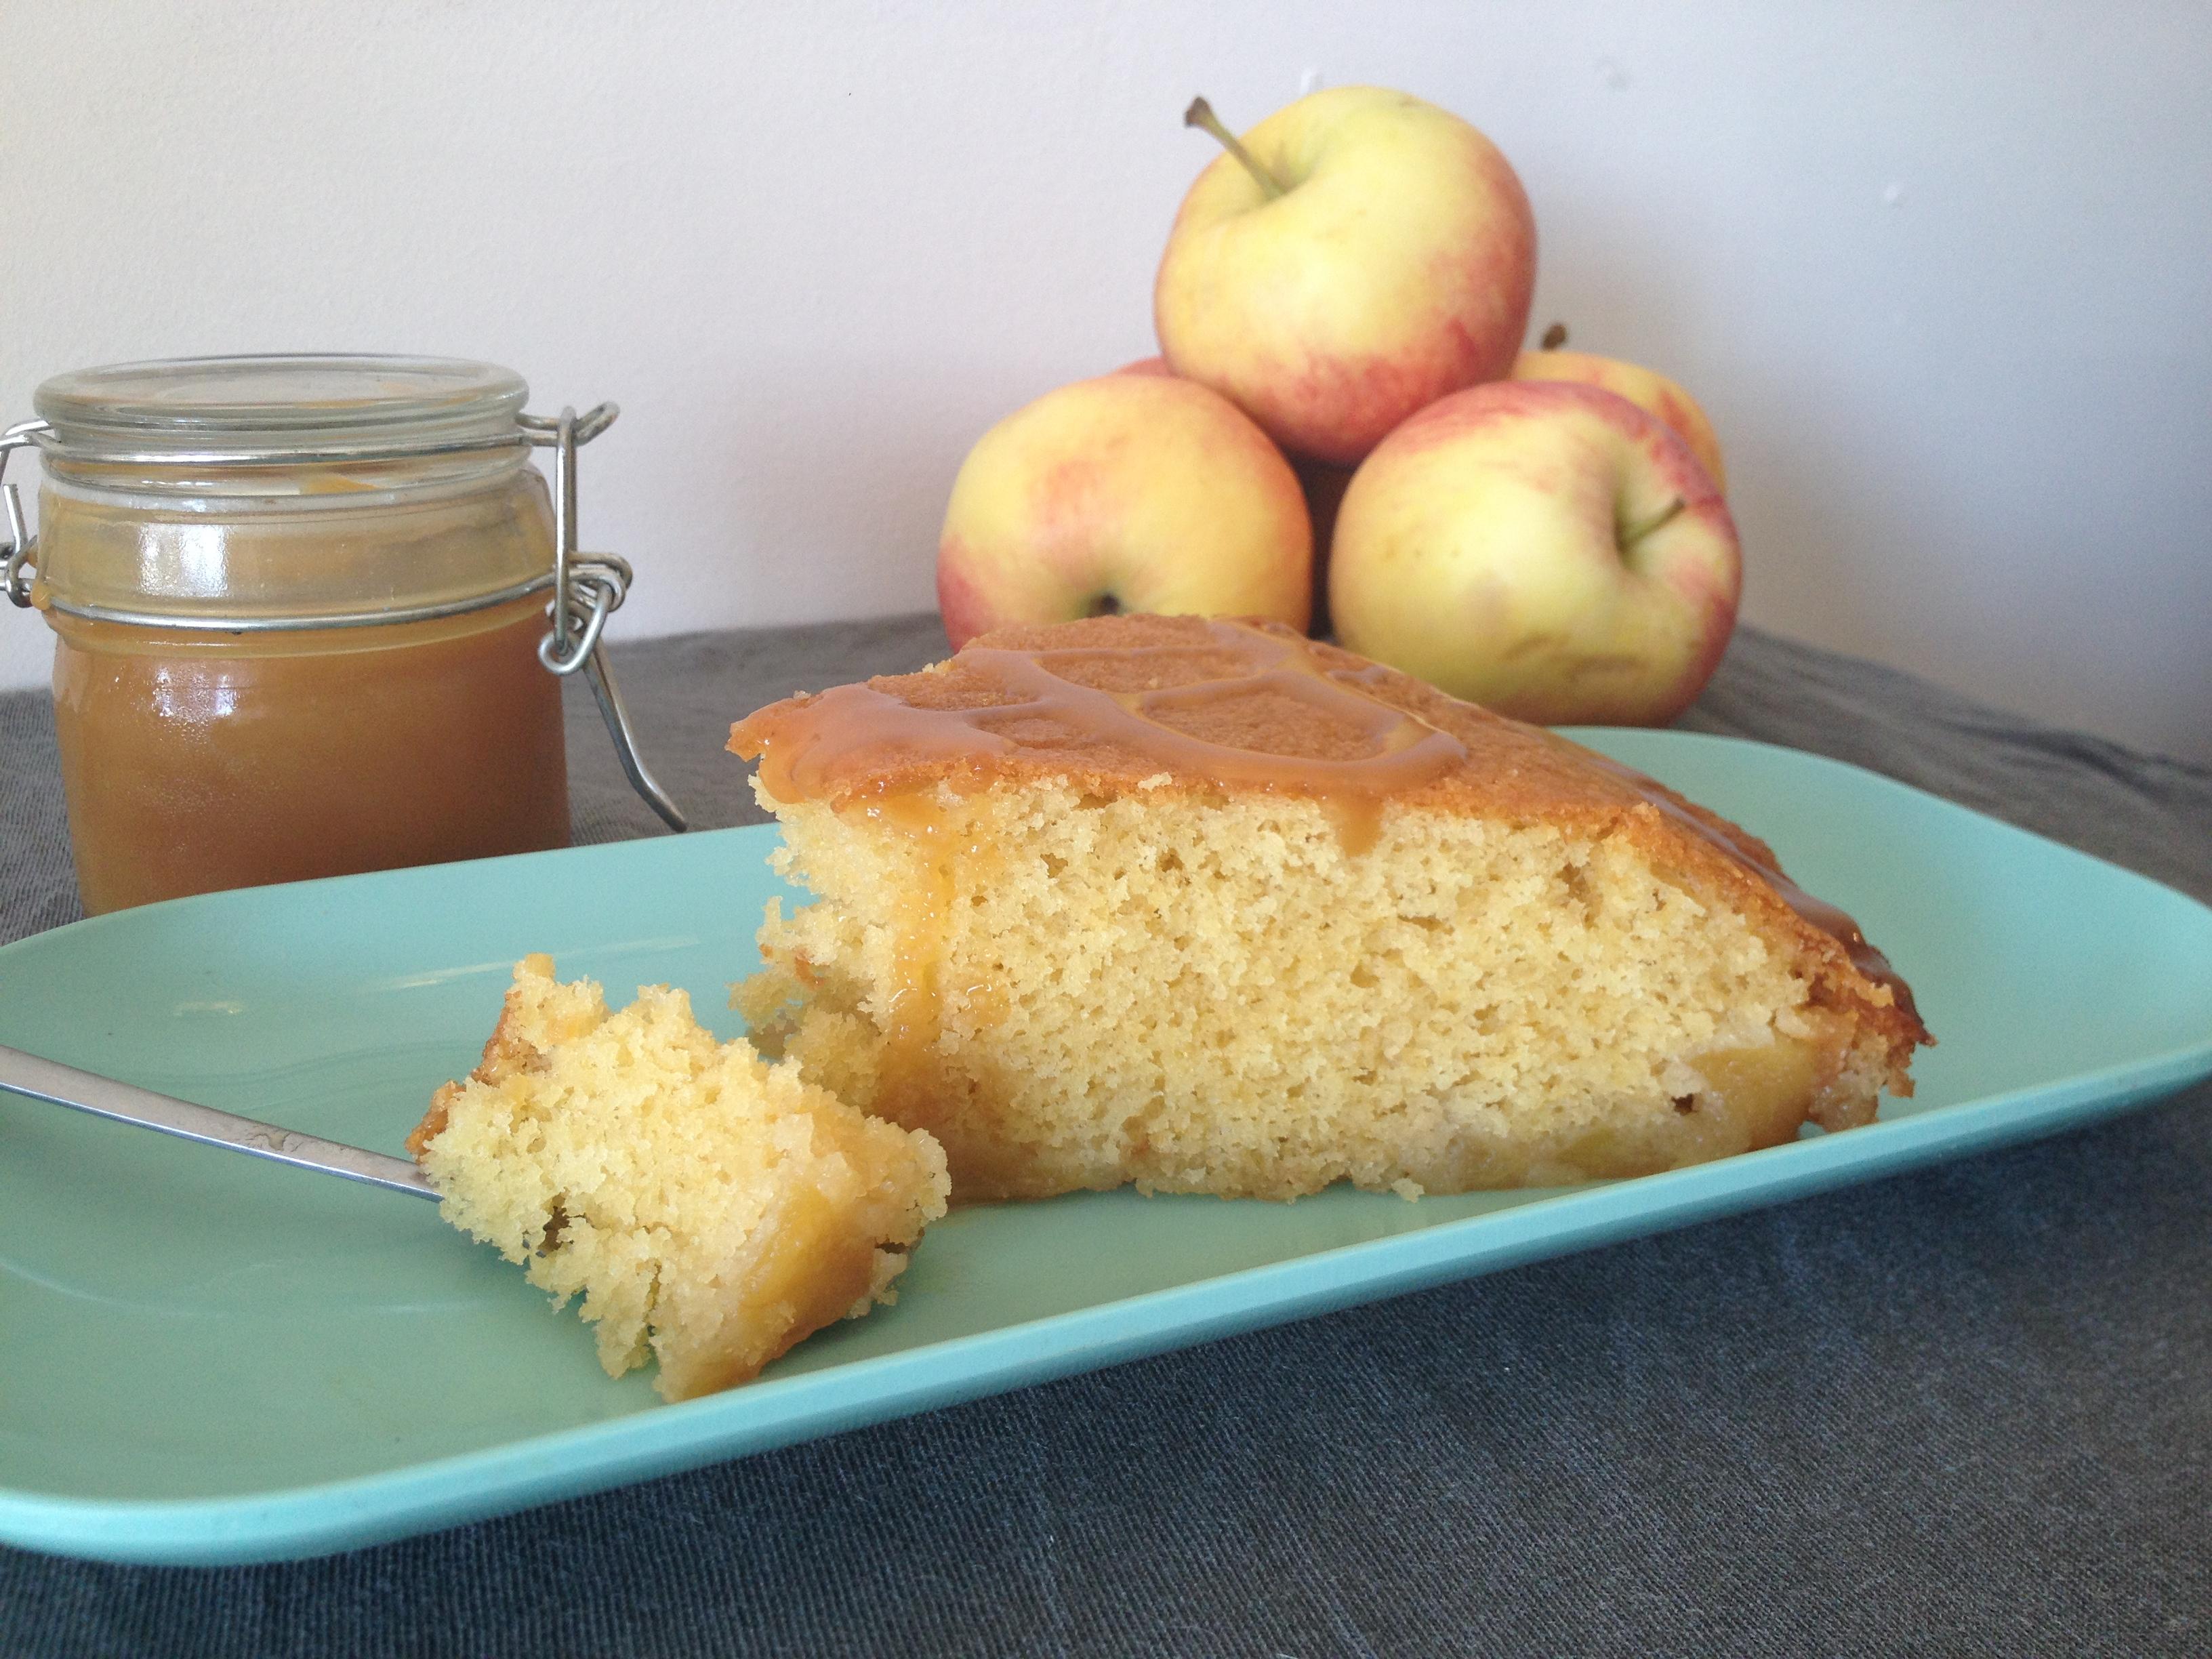 quatre quart aux pommes fa on tatin et caramel au beurre. Black Bedroom Furniture Sets. Home Design Ideas